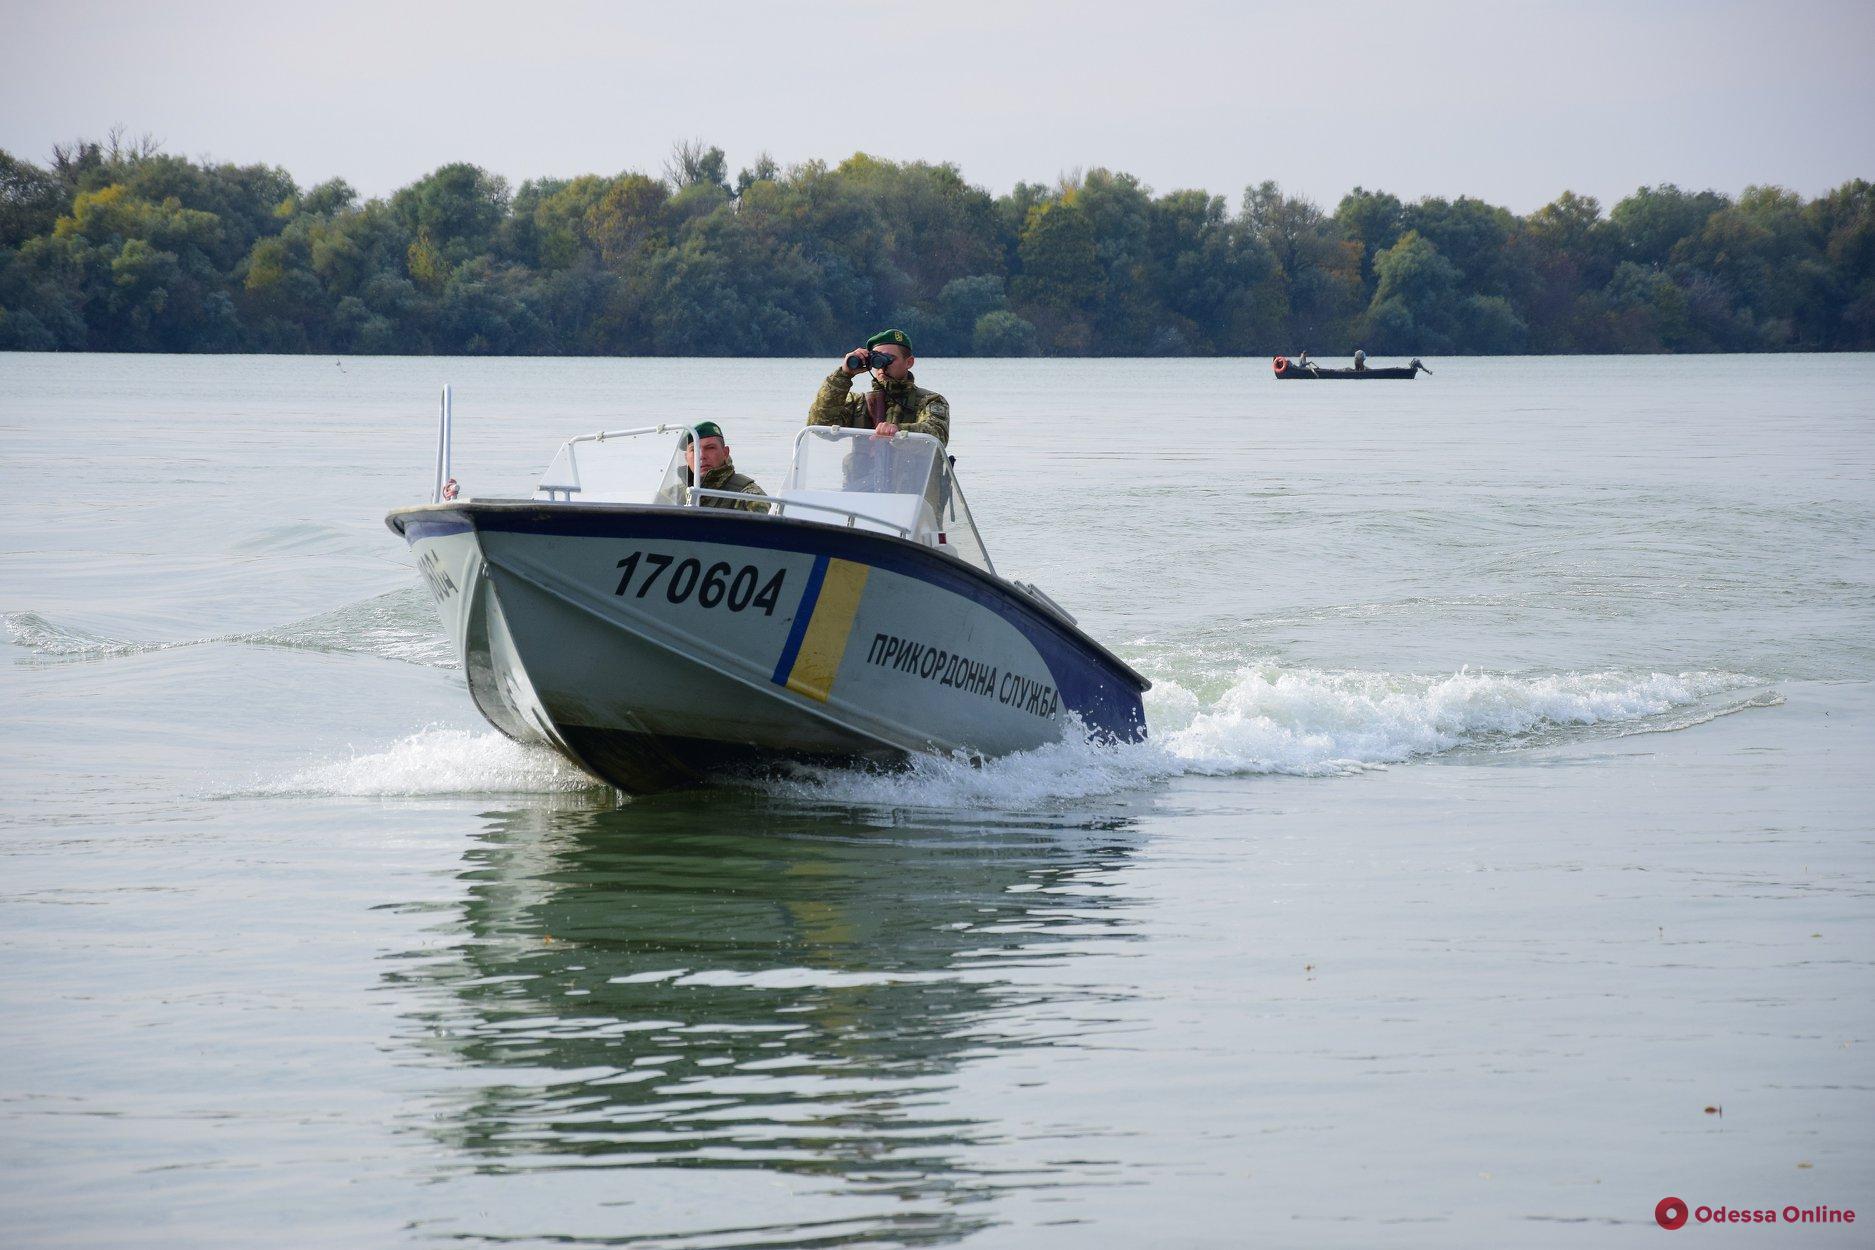 На Дунае пограничники помешали рыбакам выловить краснокнижных севрюг (видео)